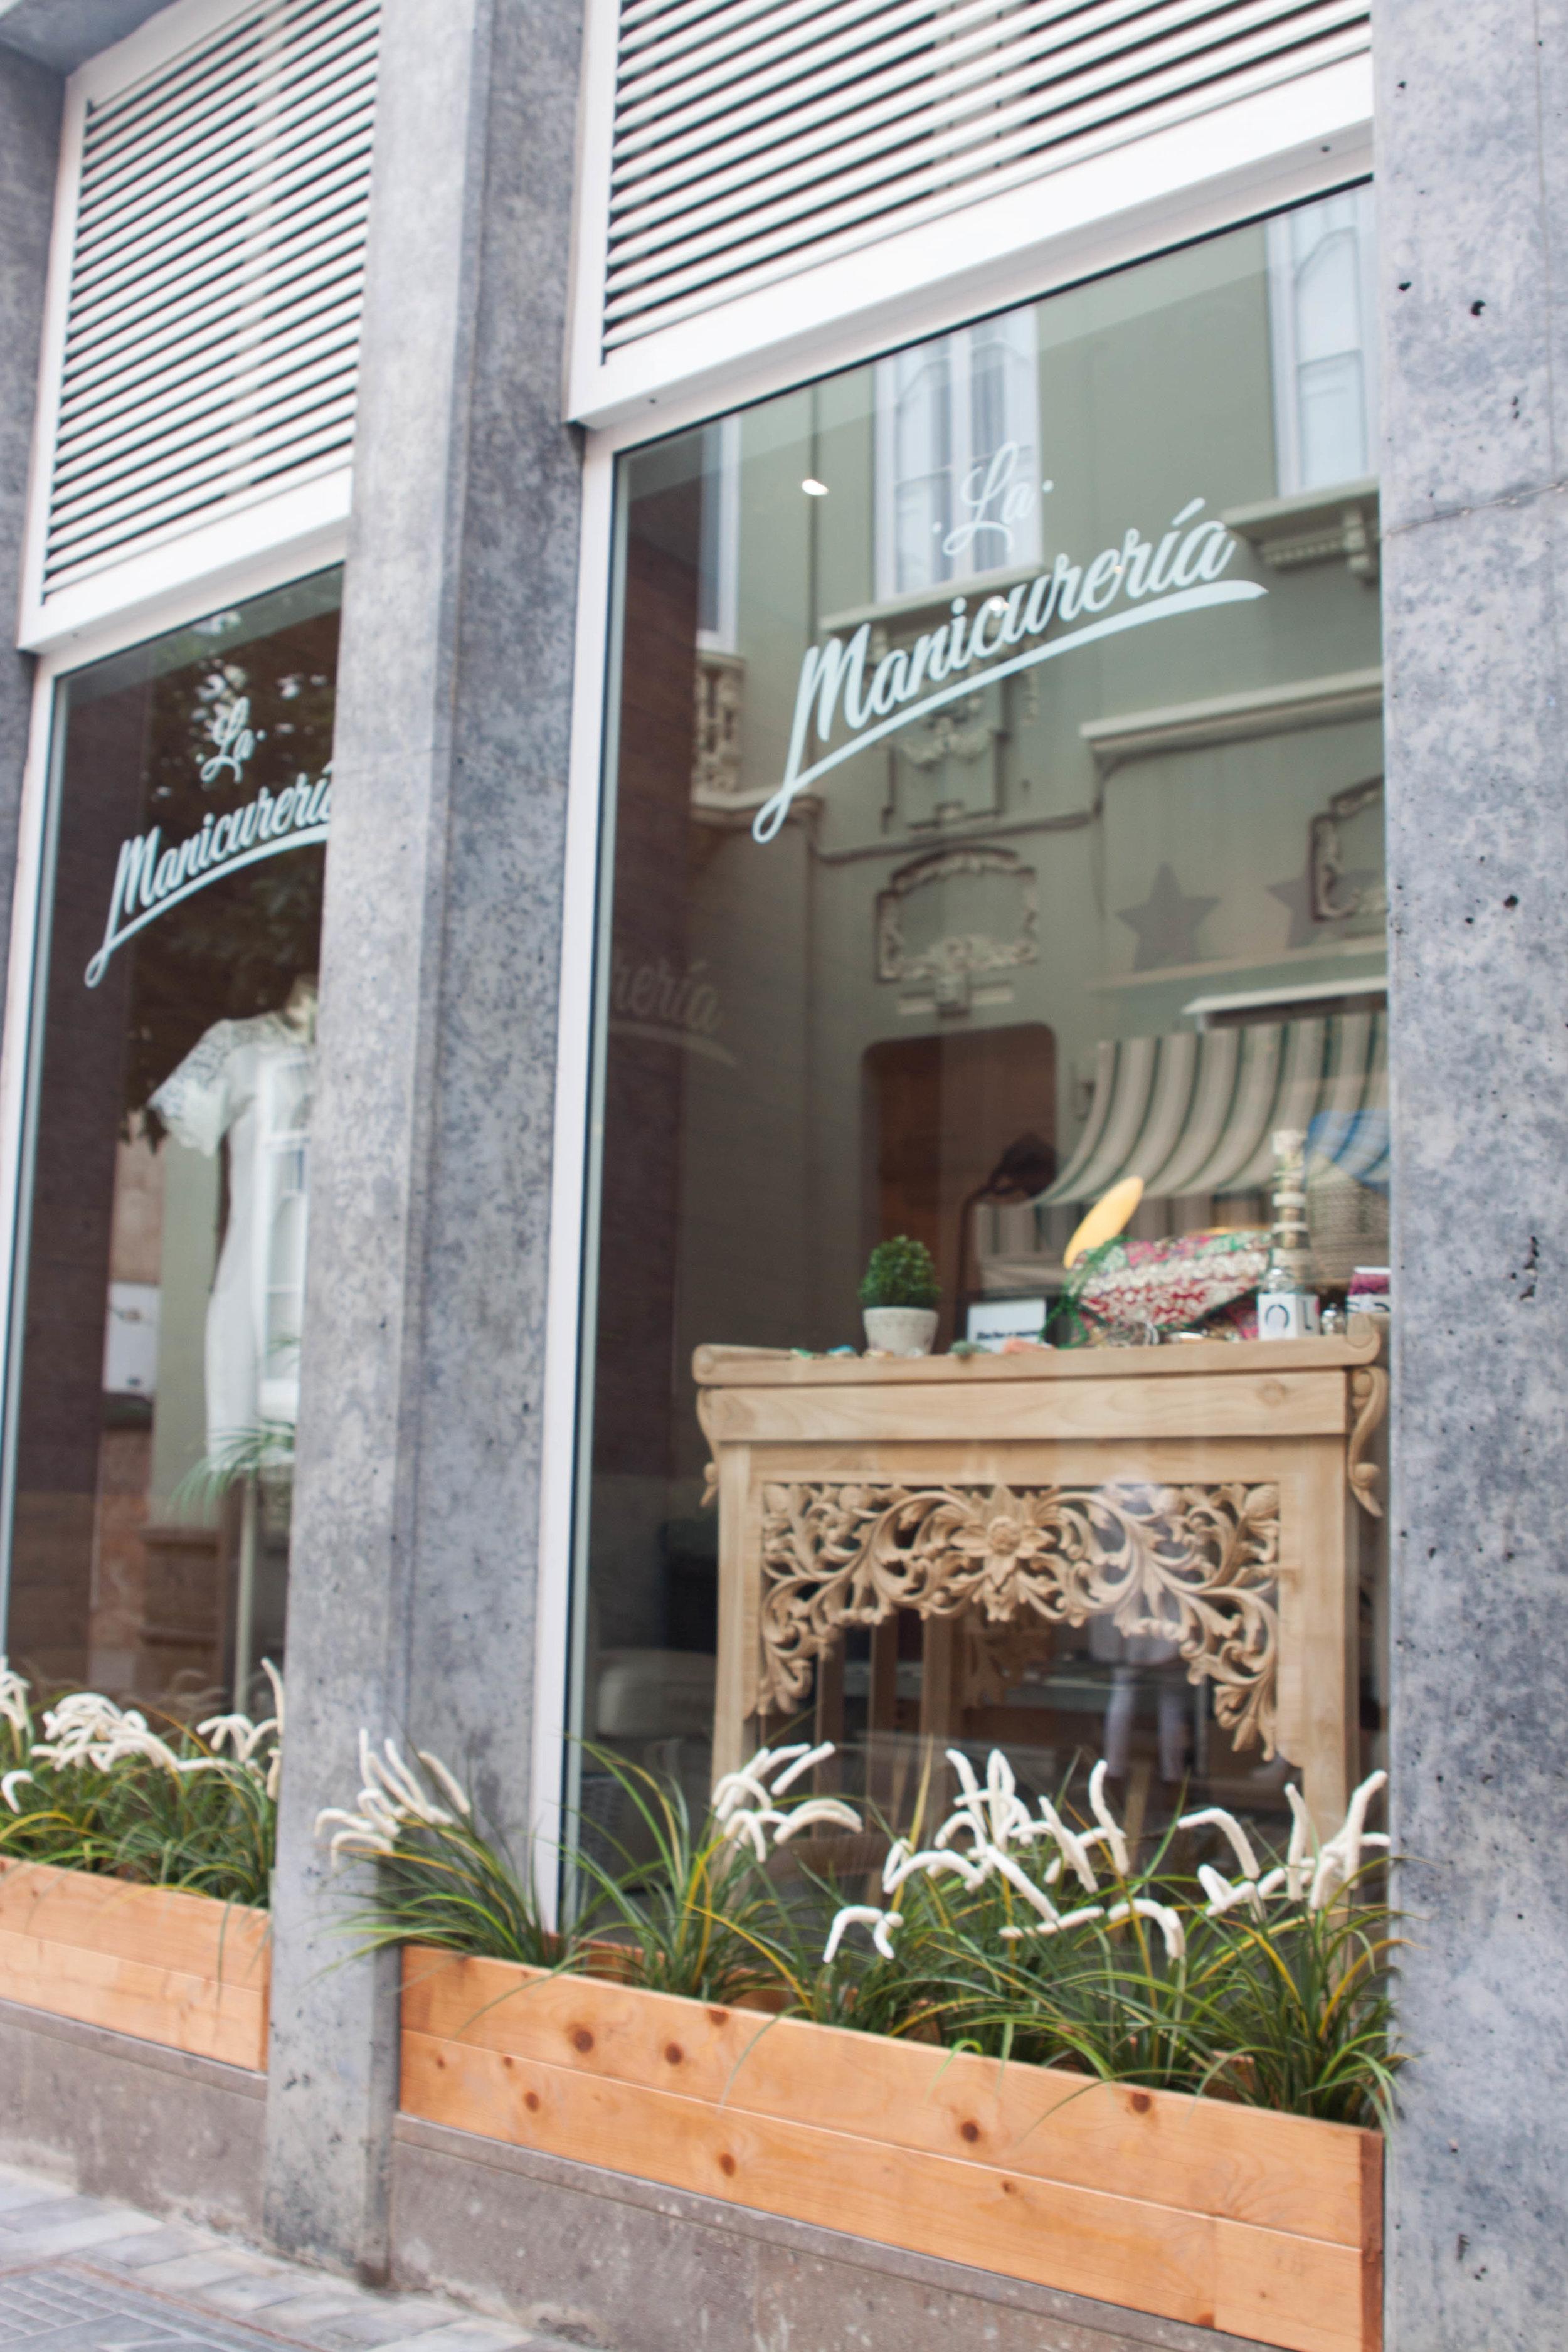 THE OFFICE_la manicureria20.jpg